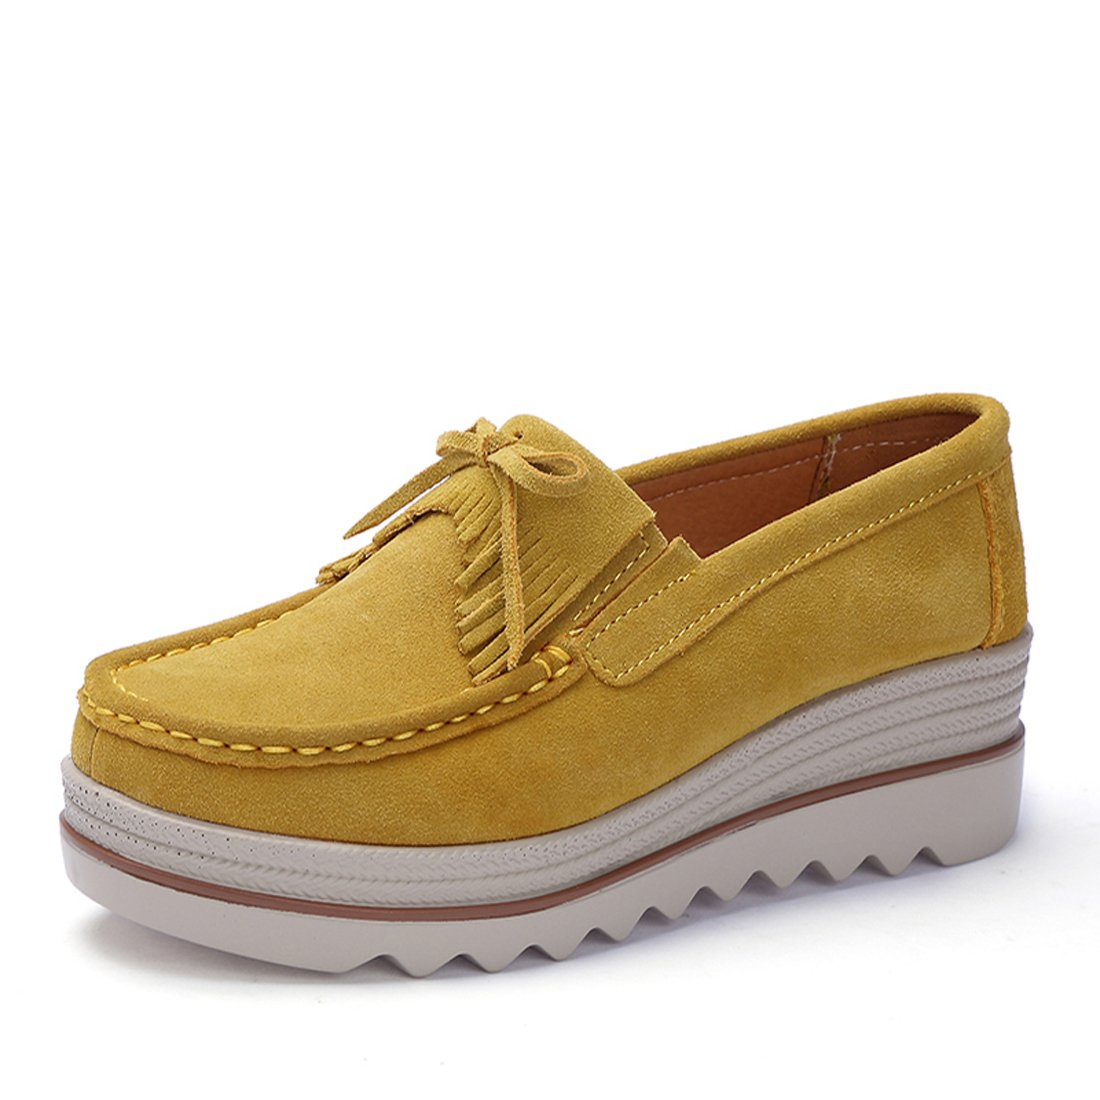 Z.SUO Mocassini Donna in Pelle Scamosciata Moda comode Loafers Scarpe da Guida Giallo